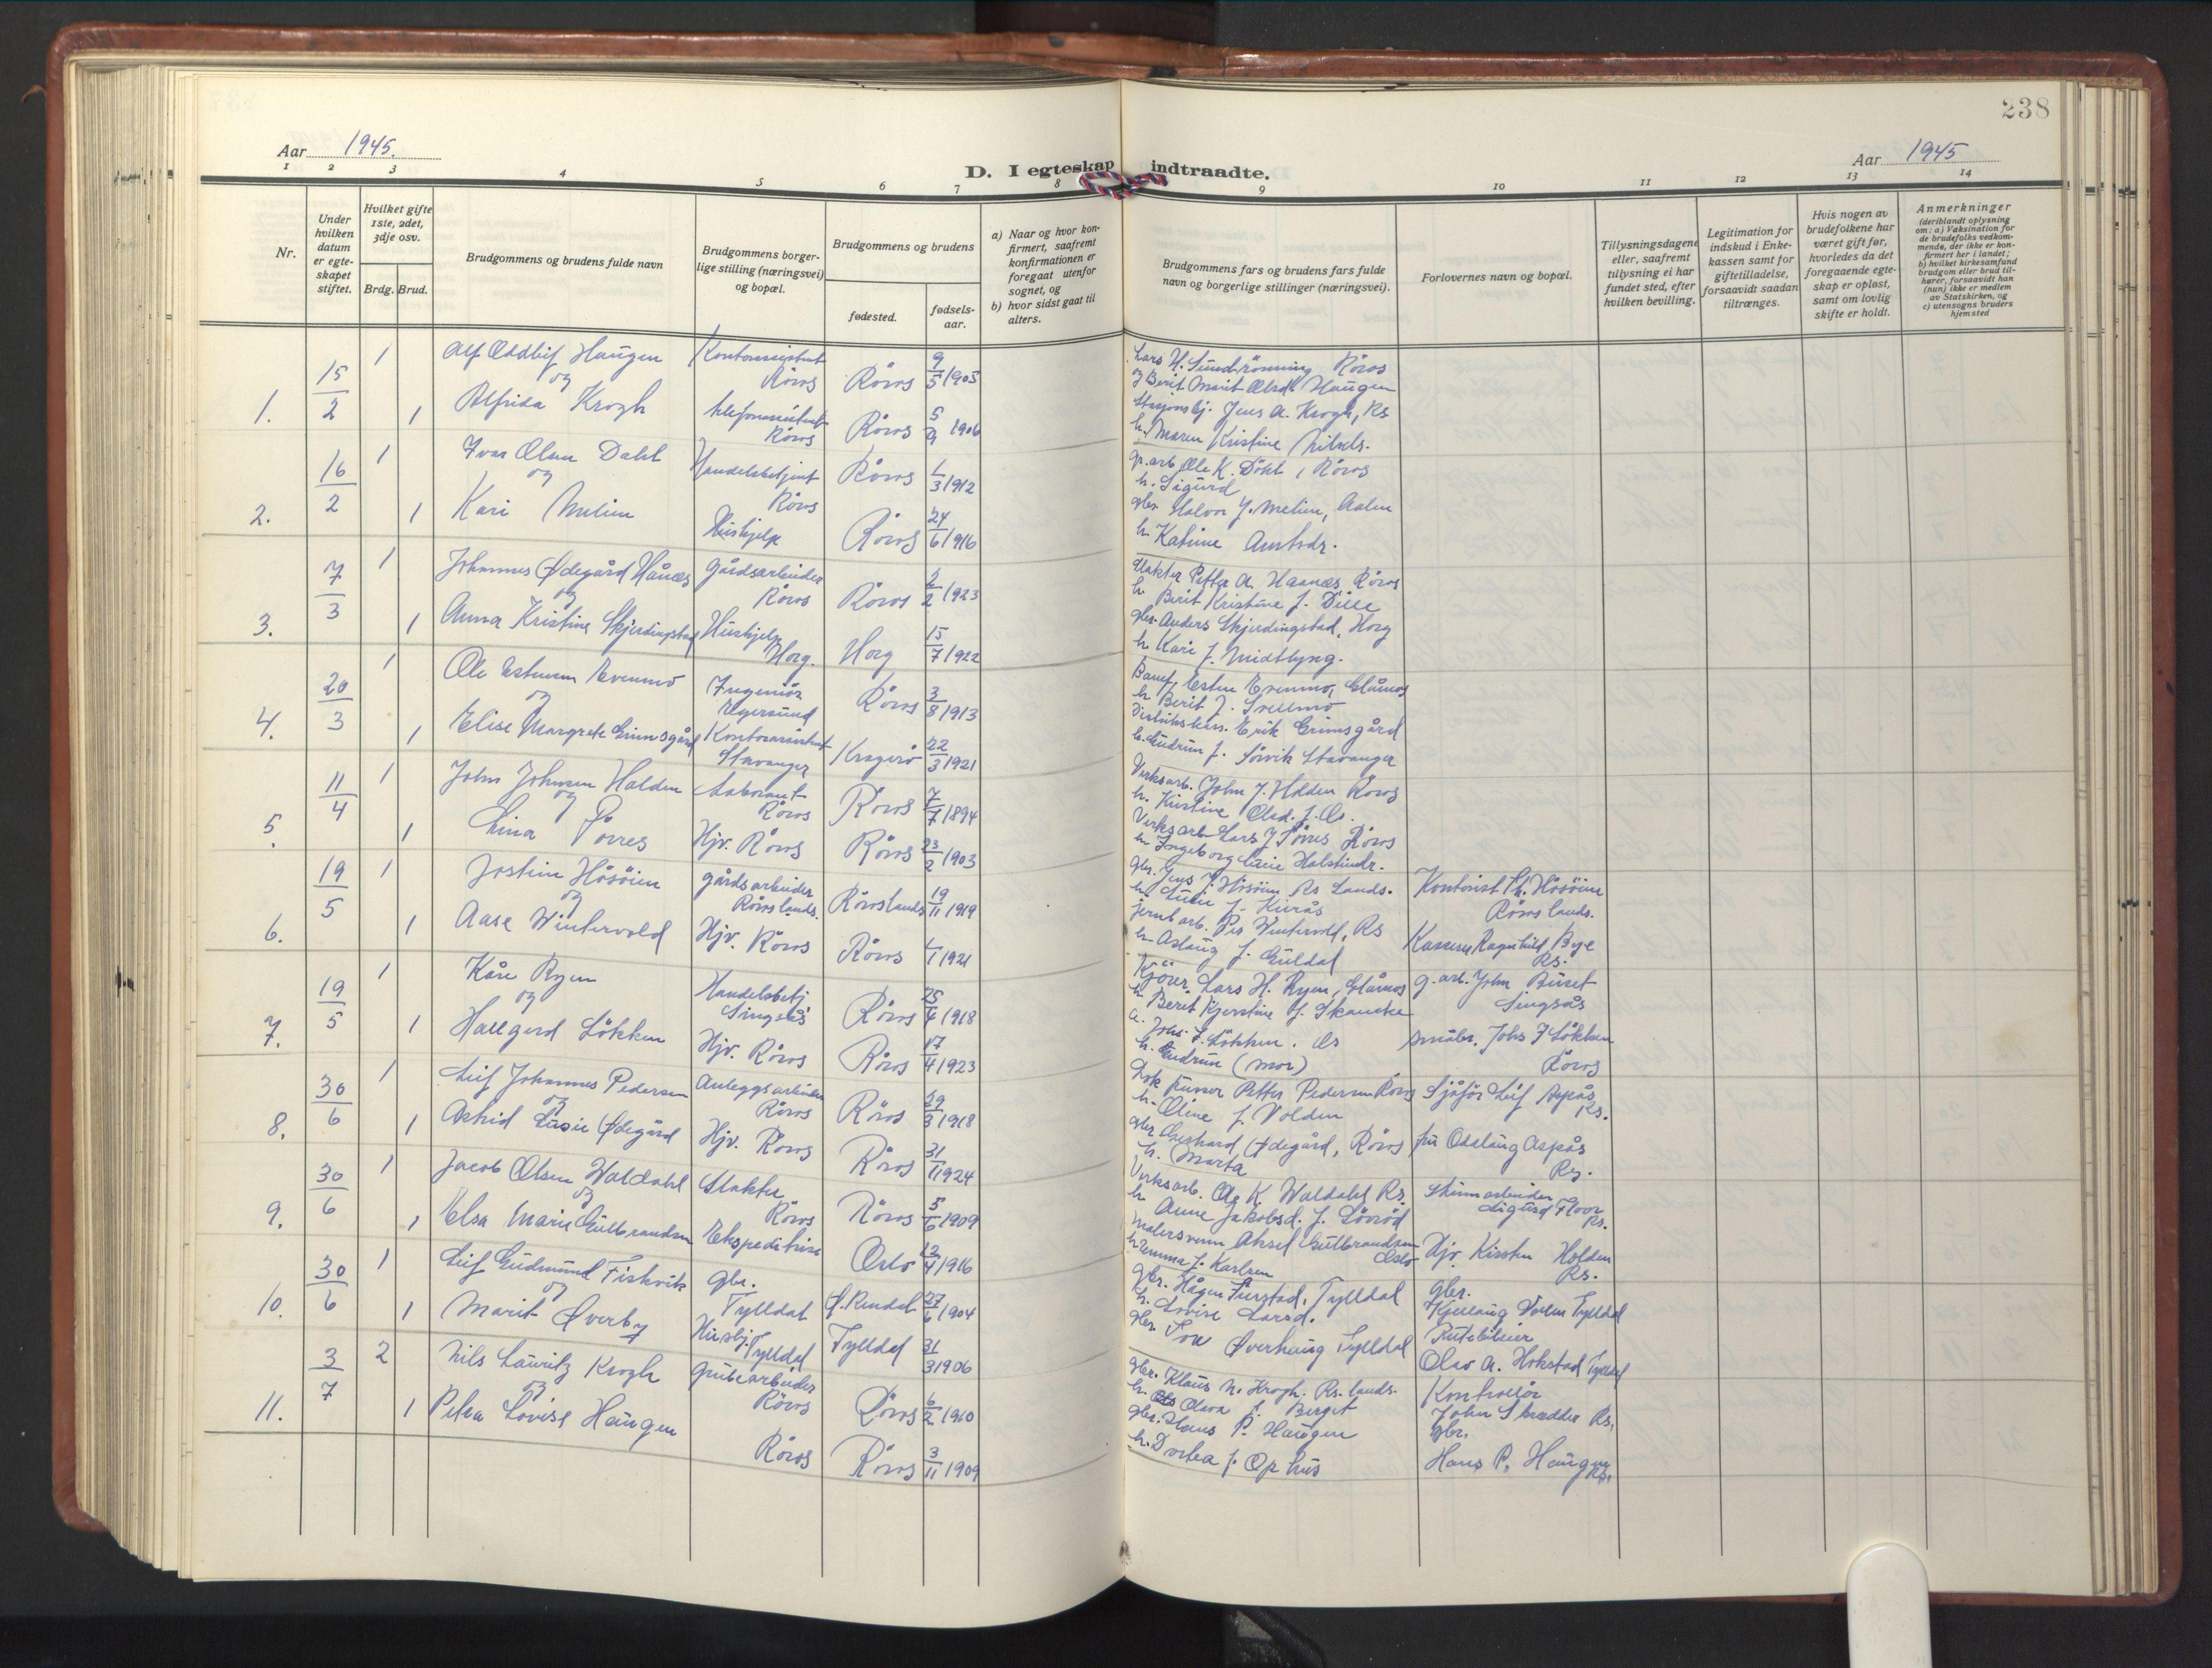 SAT, Ministerialprotokoller, klokkerbøker og fødselsregistre - Sør-Trøndelag, 681/L0943: Klokkerbok nr. 681C07, 1926-1954, s. 238